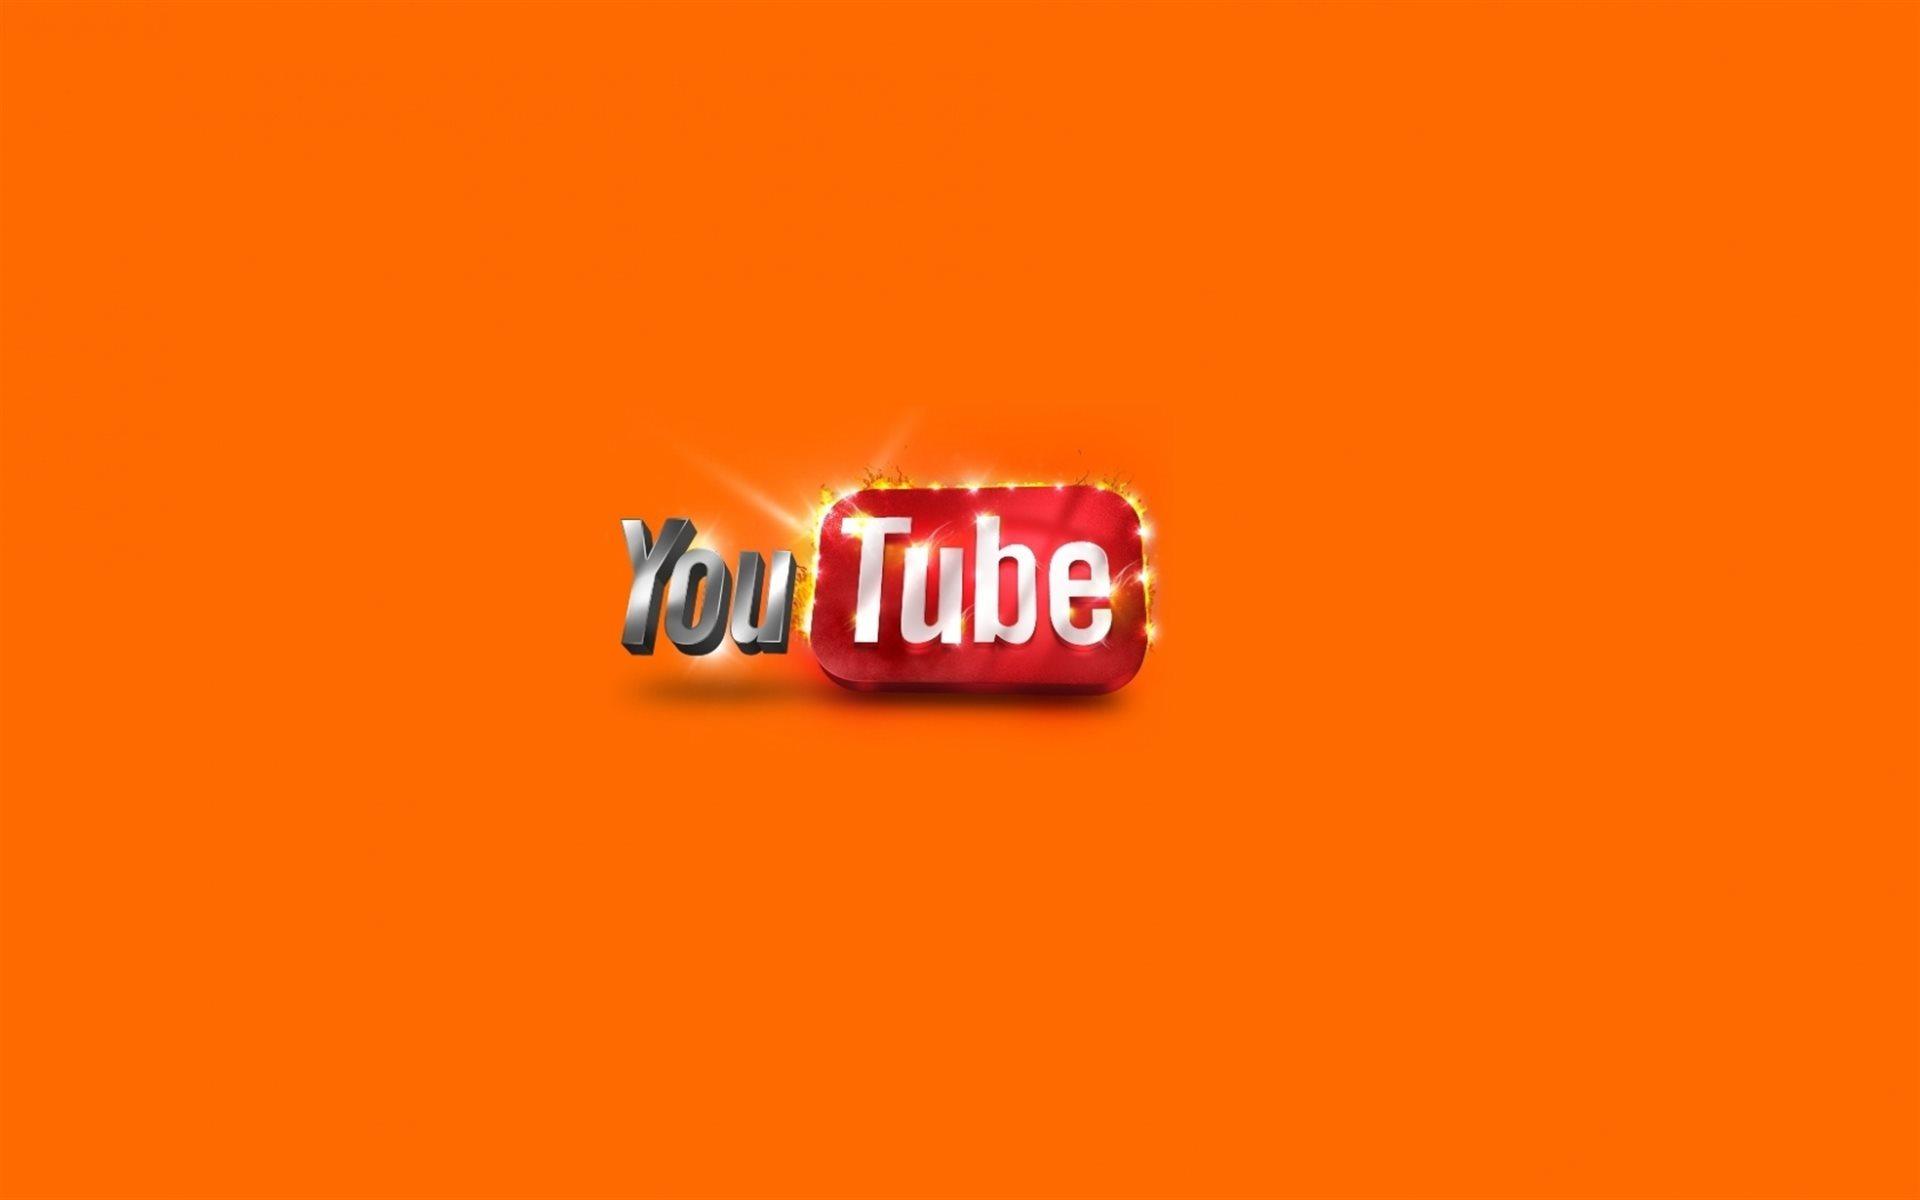 بالصور خلفيات يوتيوب , اجدد خلفيات للوجو اليوتيوب 4294 10